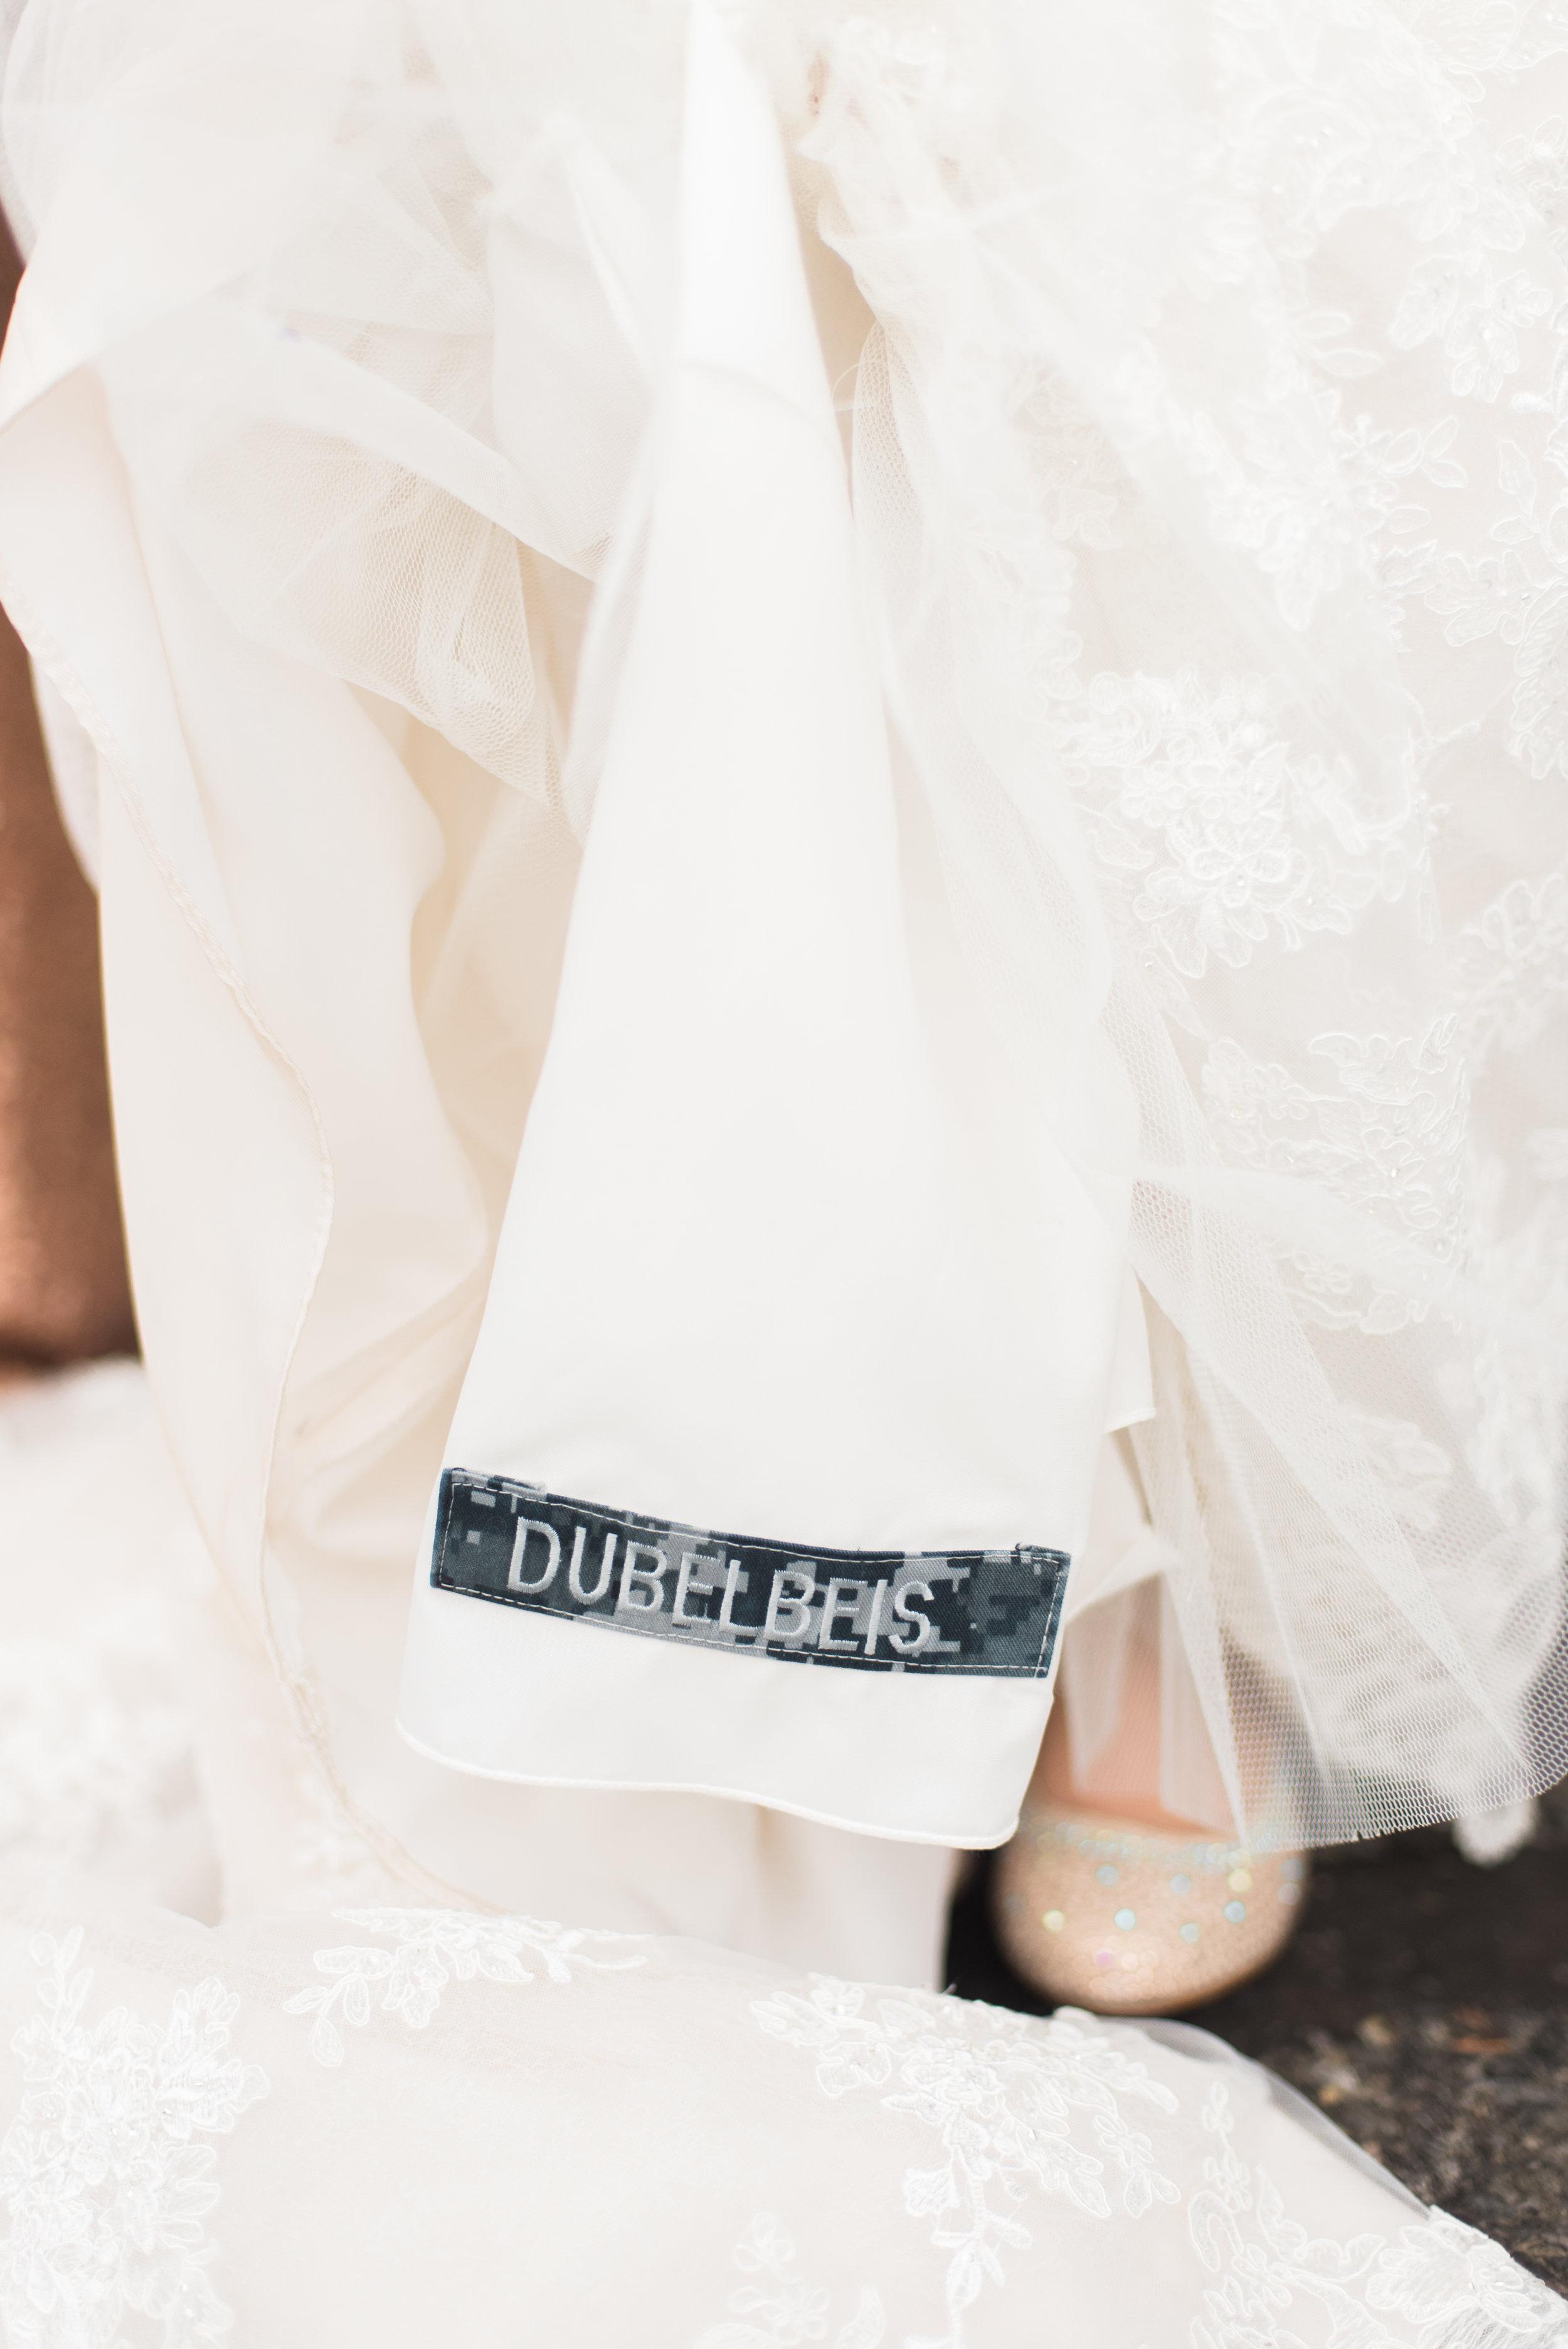 Dubelbeis-3.jpg